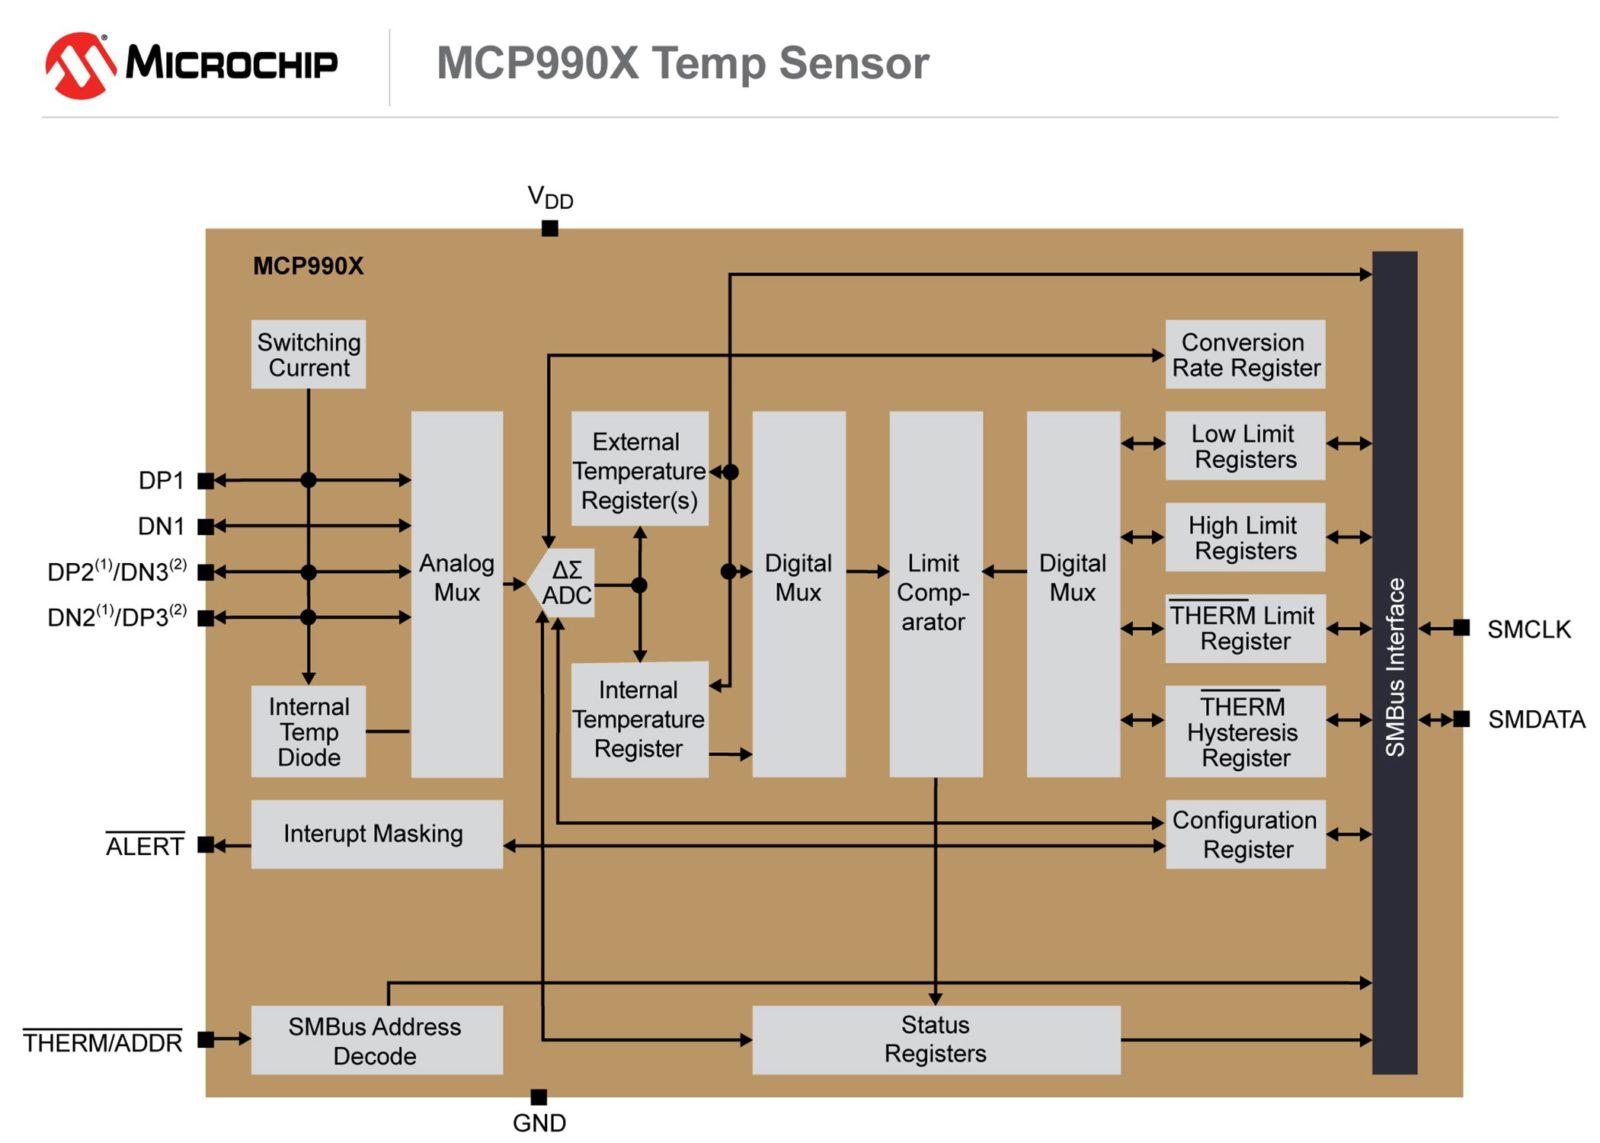 160114-AIPD-DIAG-MCP990X-7x5